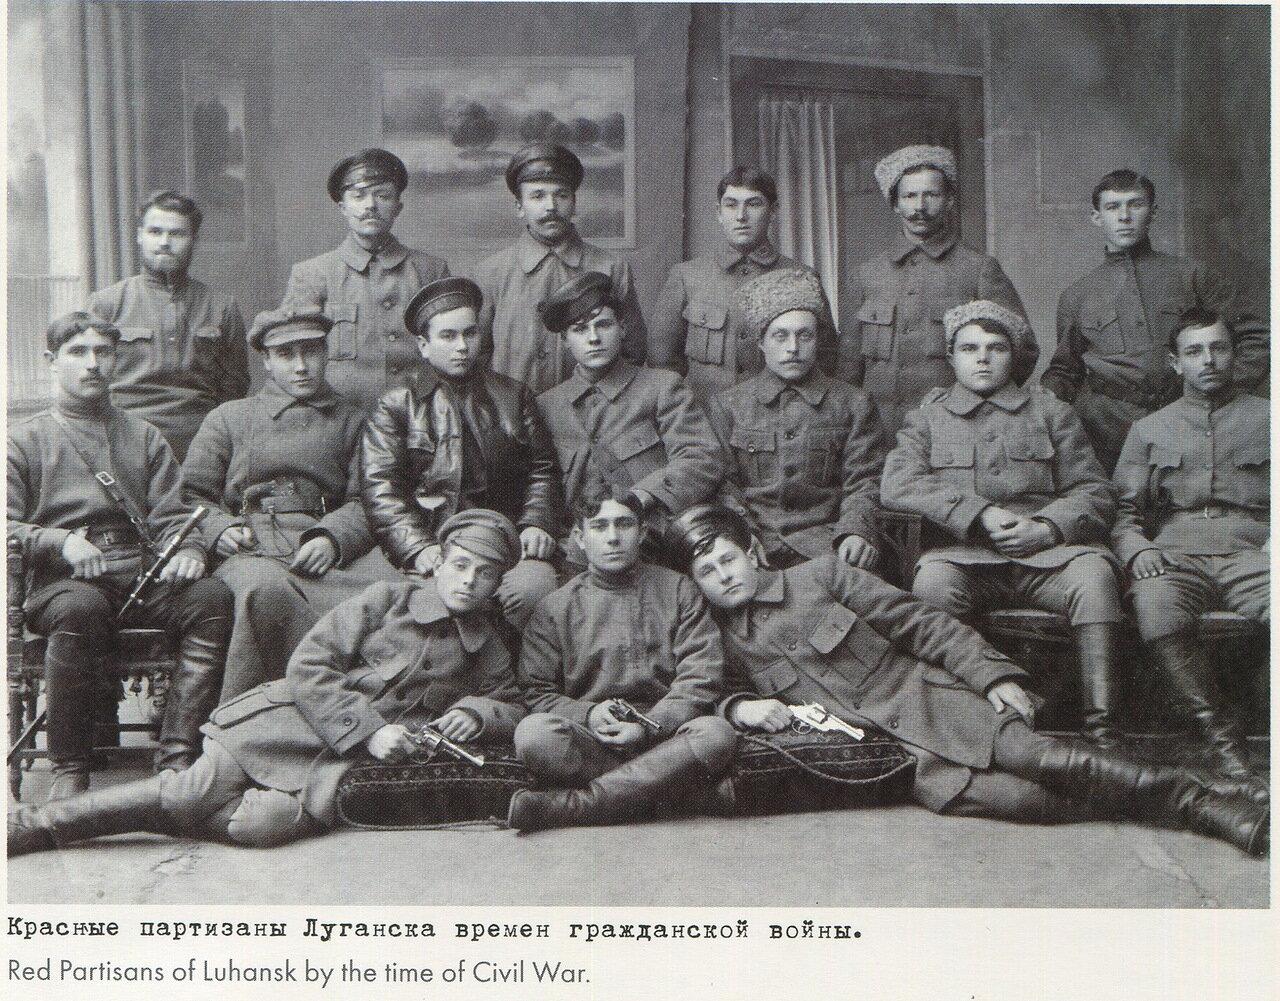 Красные партизаны Луганска времен гражданской войны